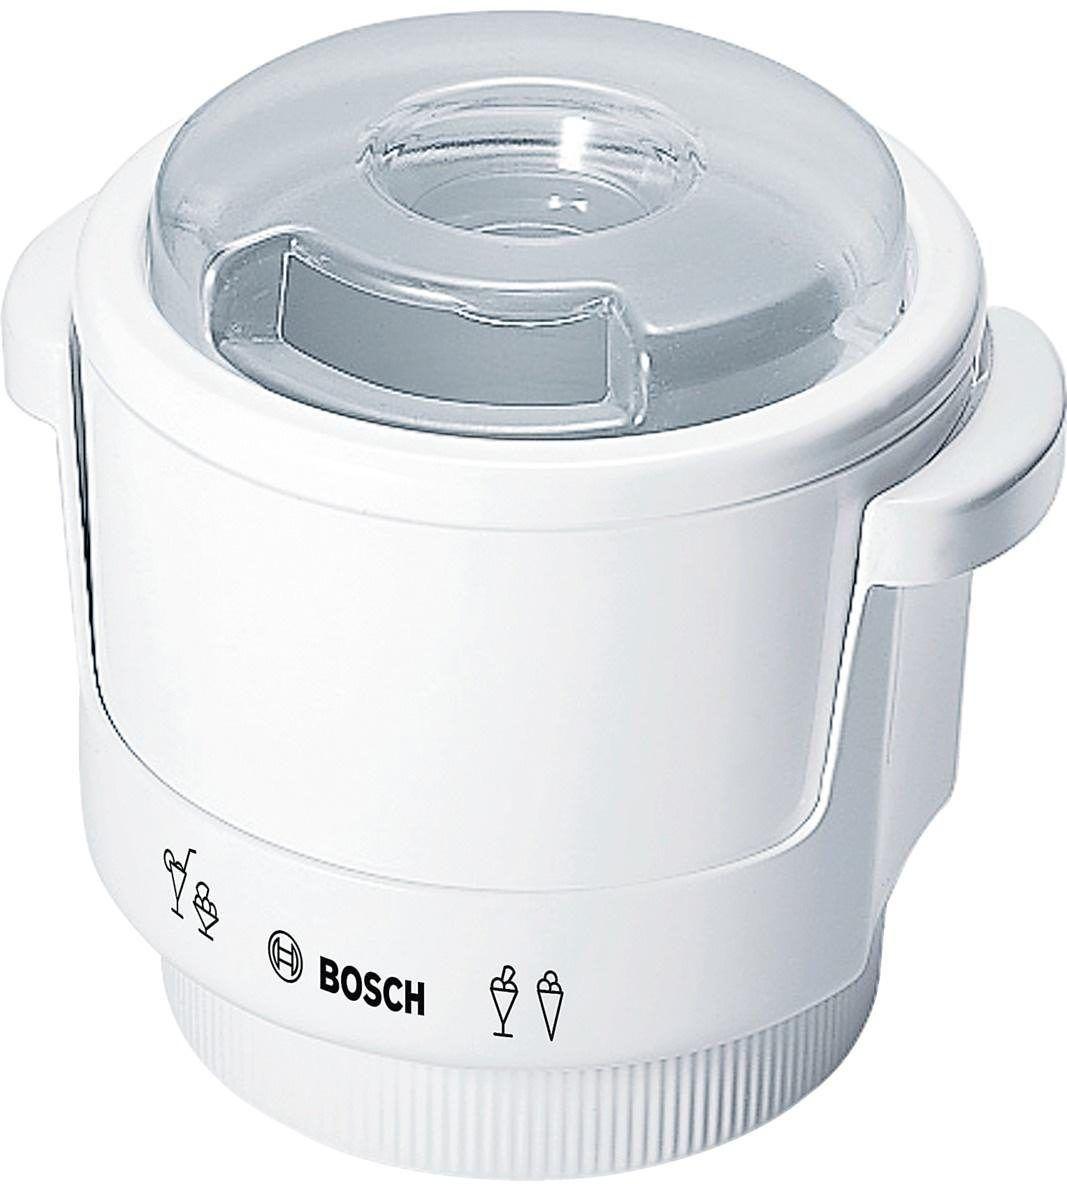 Bosch Eisbereiteraufsatz Muz4eb1 Zubehor Fur Bosch